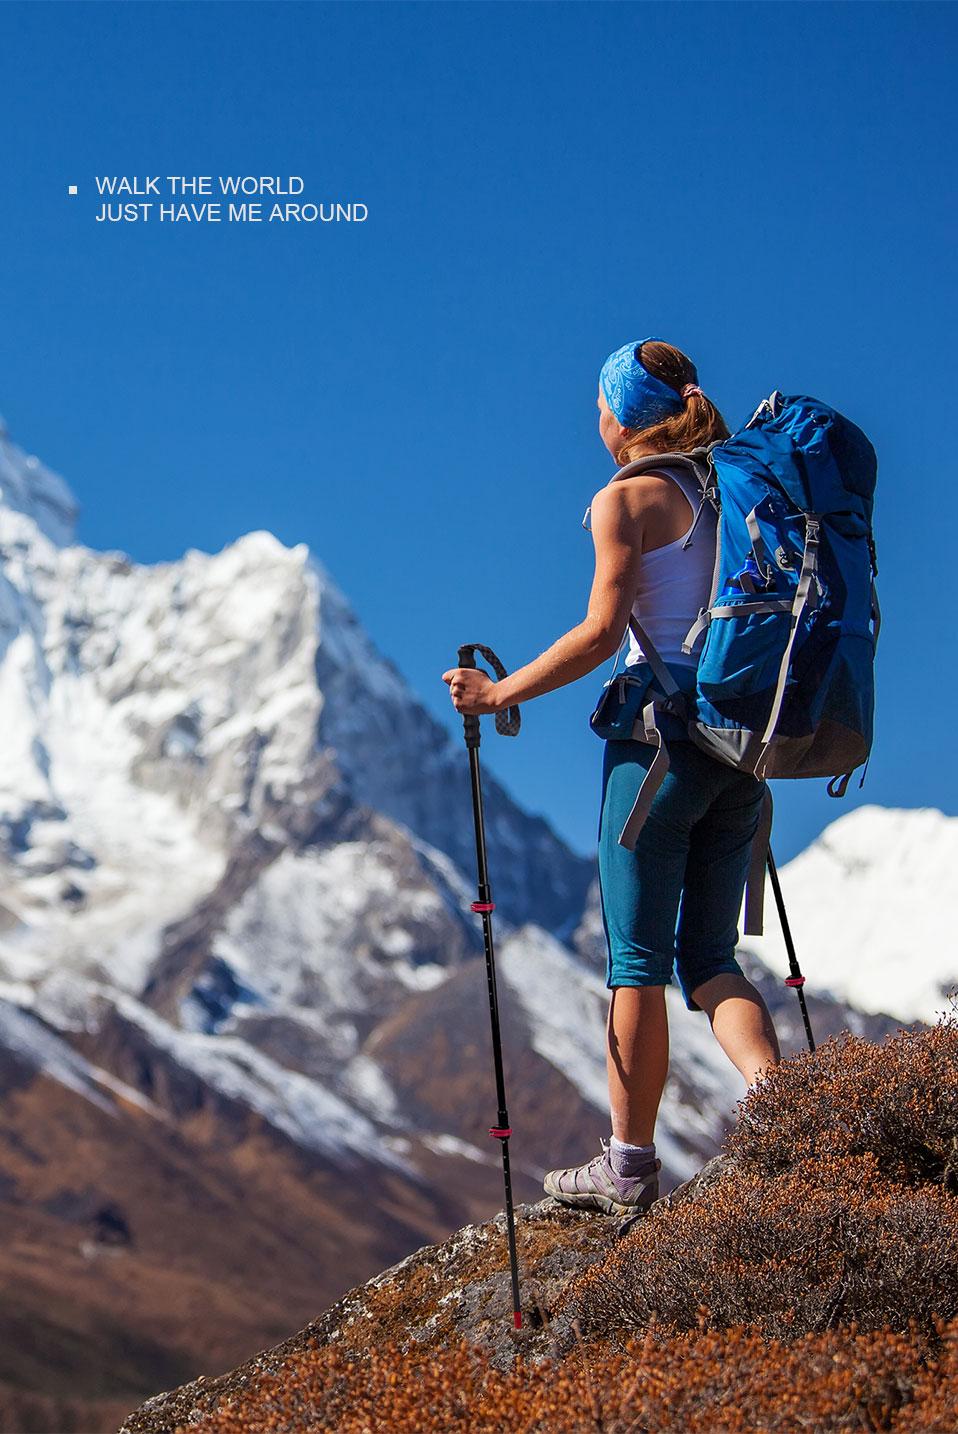 bloqueio externo pólos trekking caminhadas montanhismo bengala portátil NH19S010-T